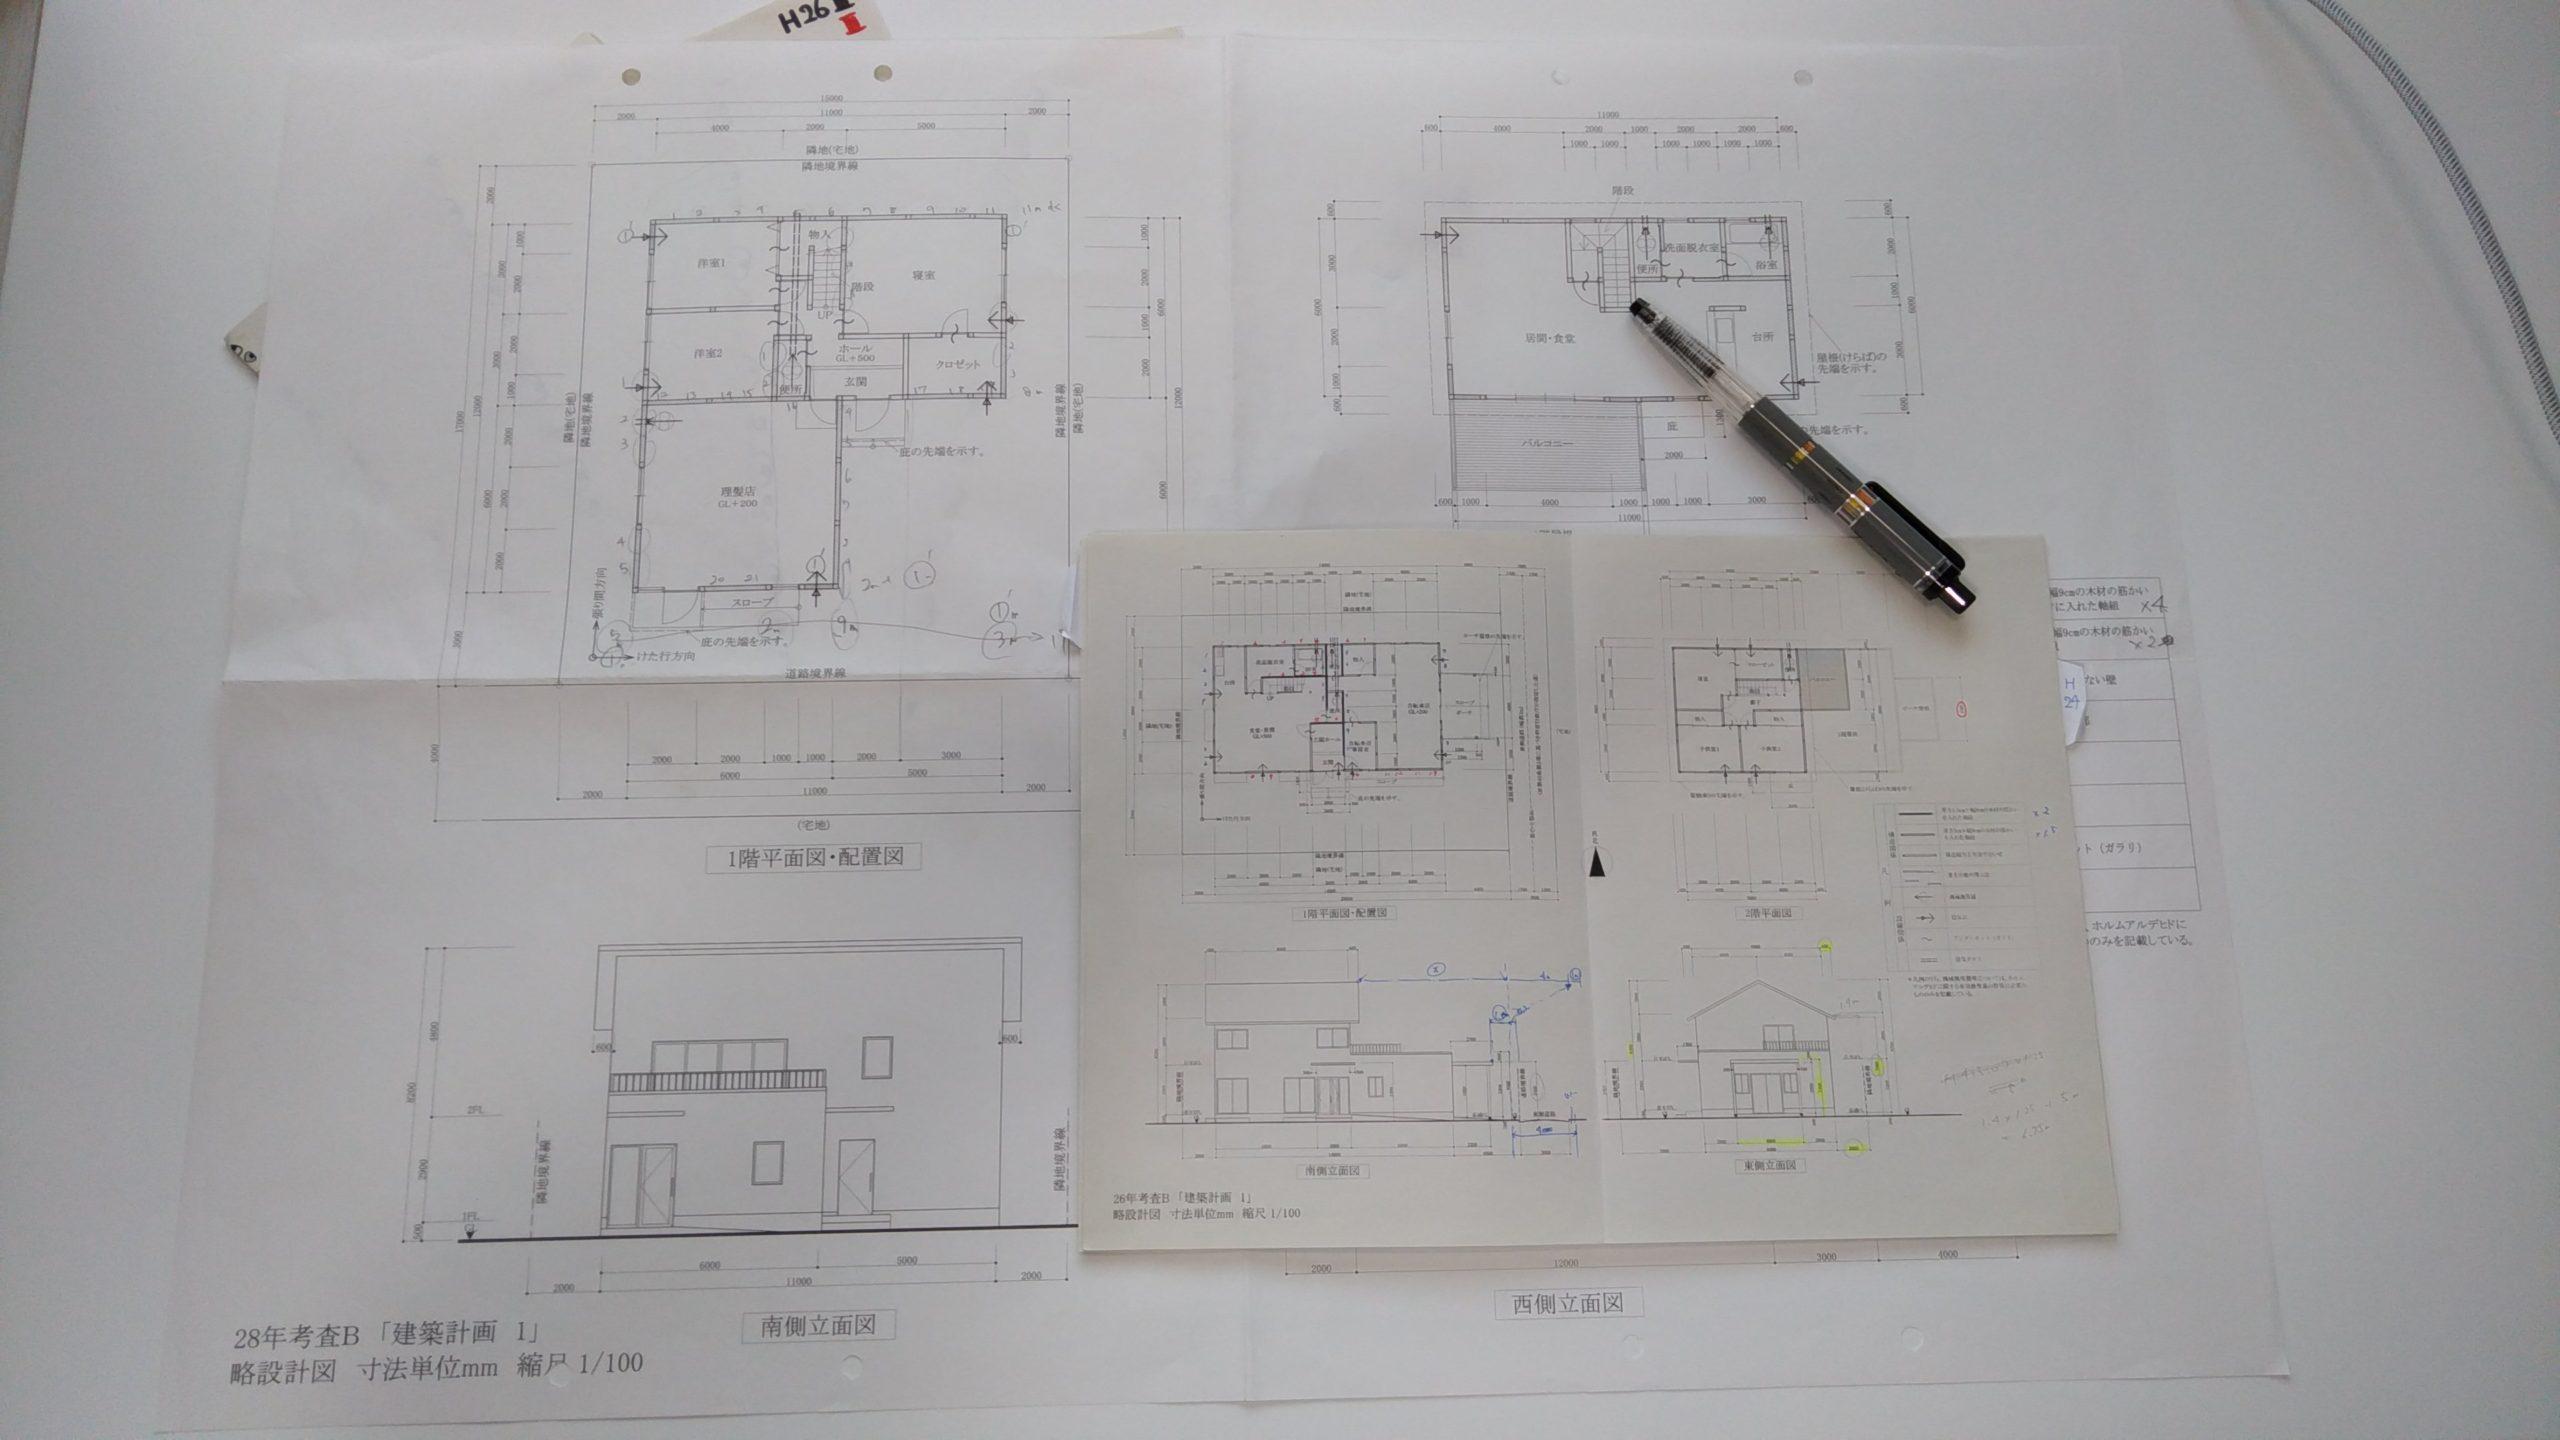 考査B自作ノートと実際の問題図面との大きさ比較